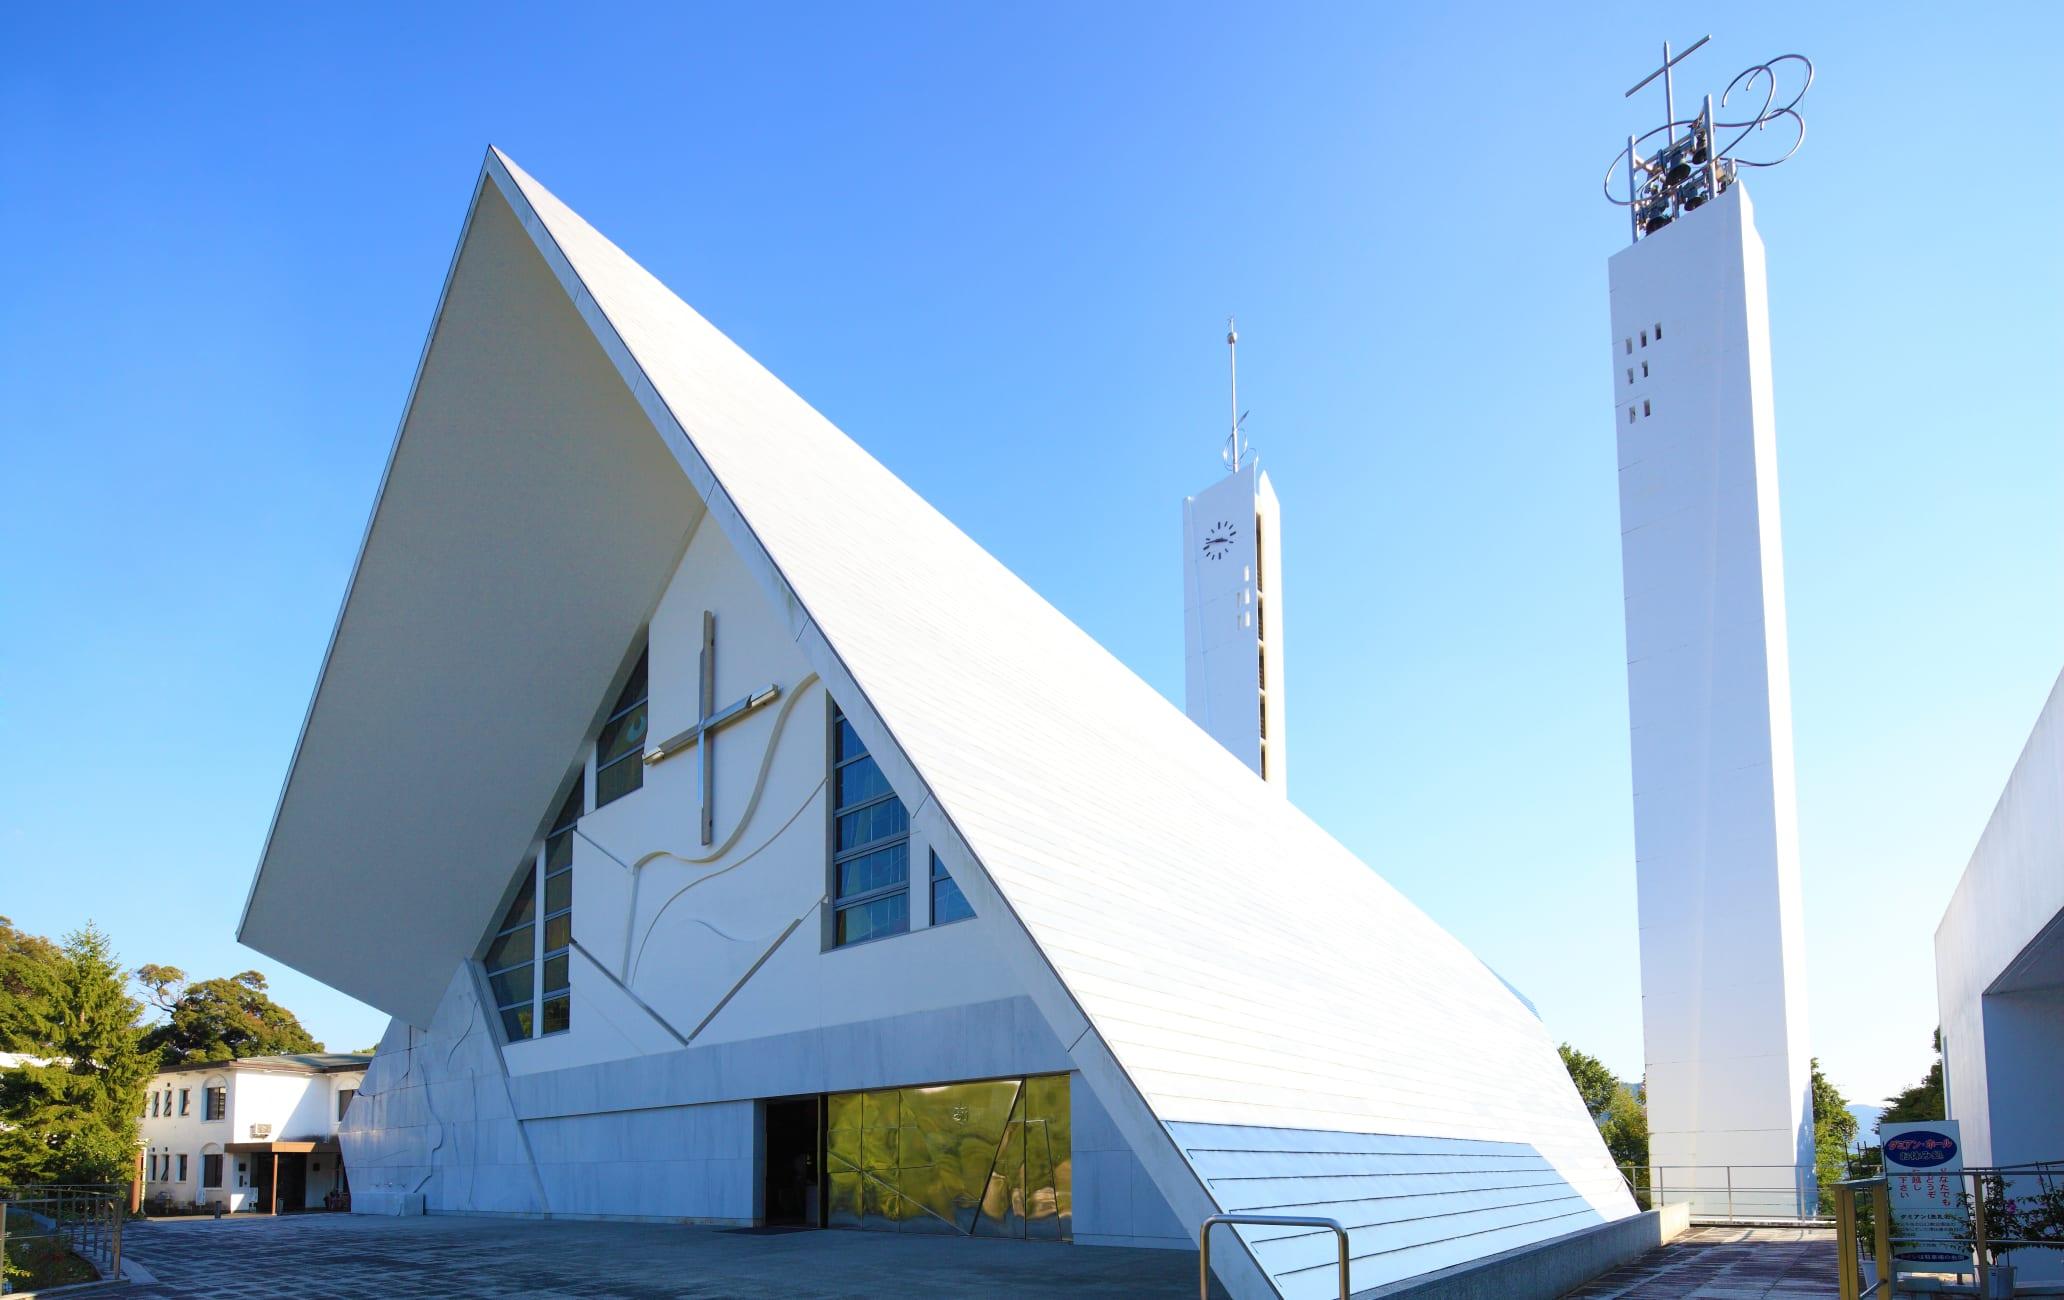 St. Francis Xavier Memorial Church